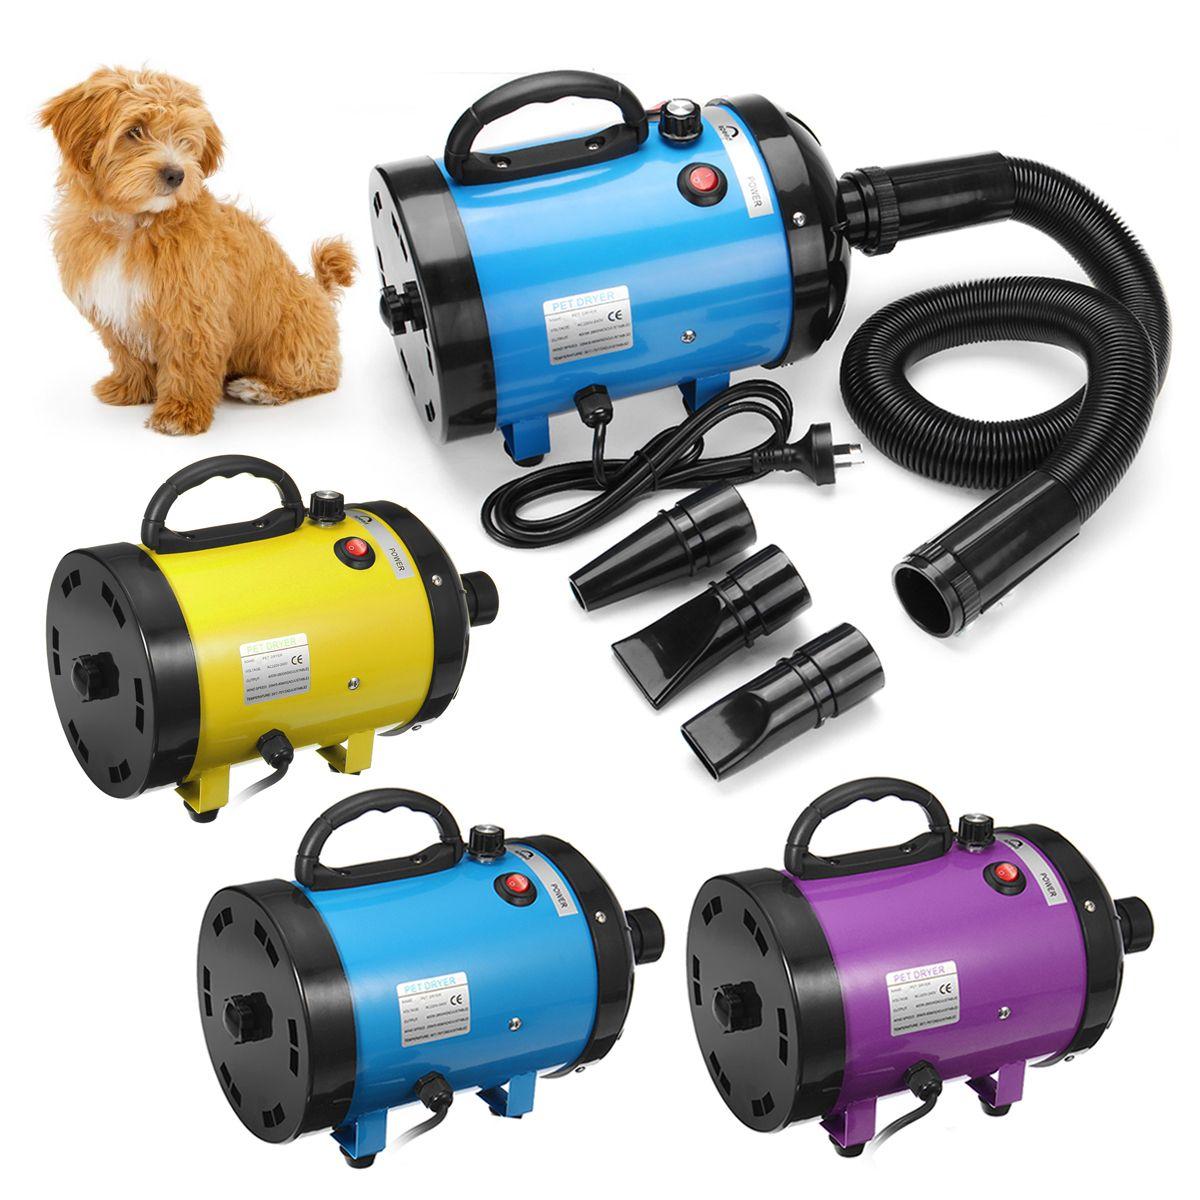 2800 W Geräuscharm Pet Haar Trockner Hund Katze Pflege Trockner Gebläse Heizung Einstellbar Temperatur Gebläse Pet Blasen Maschine